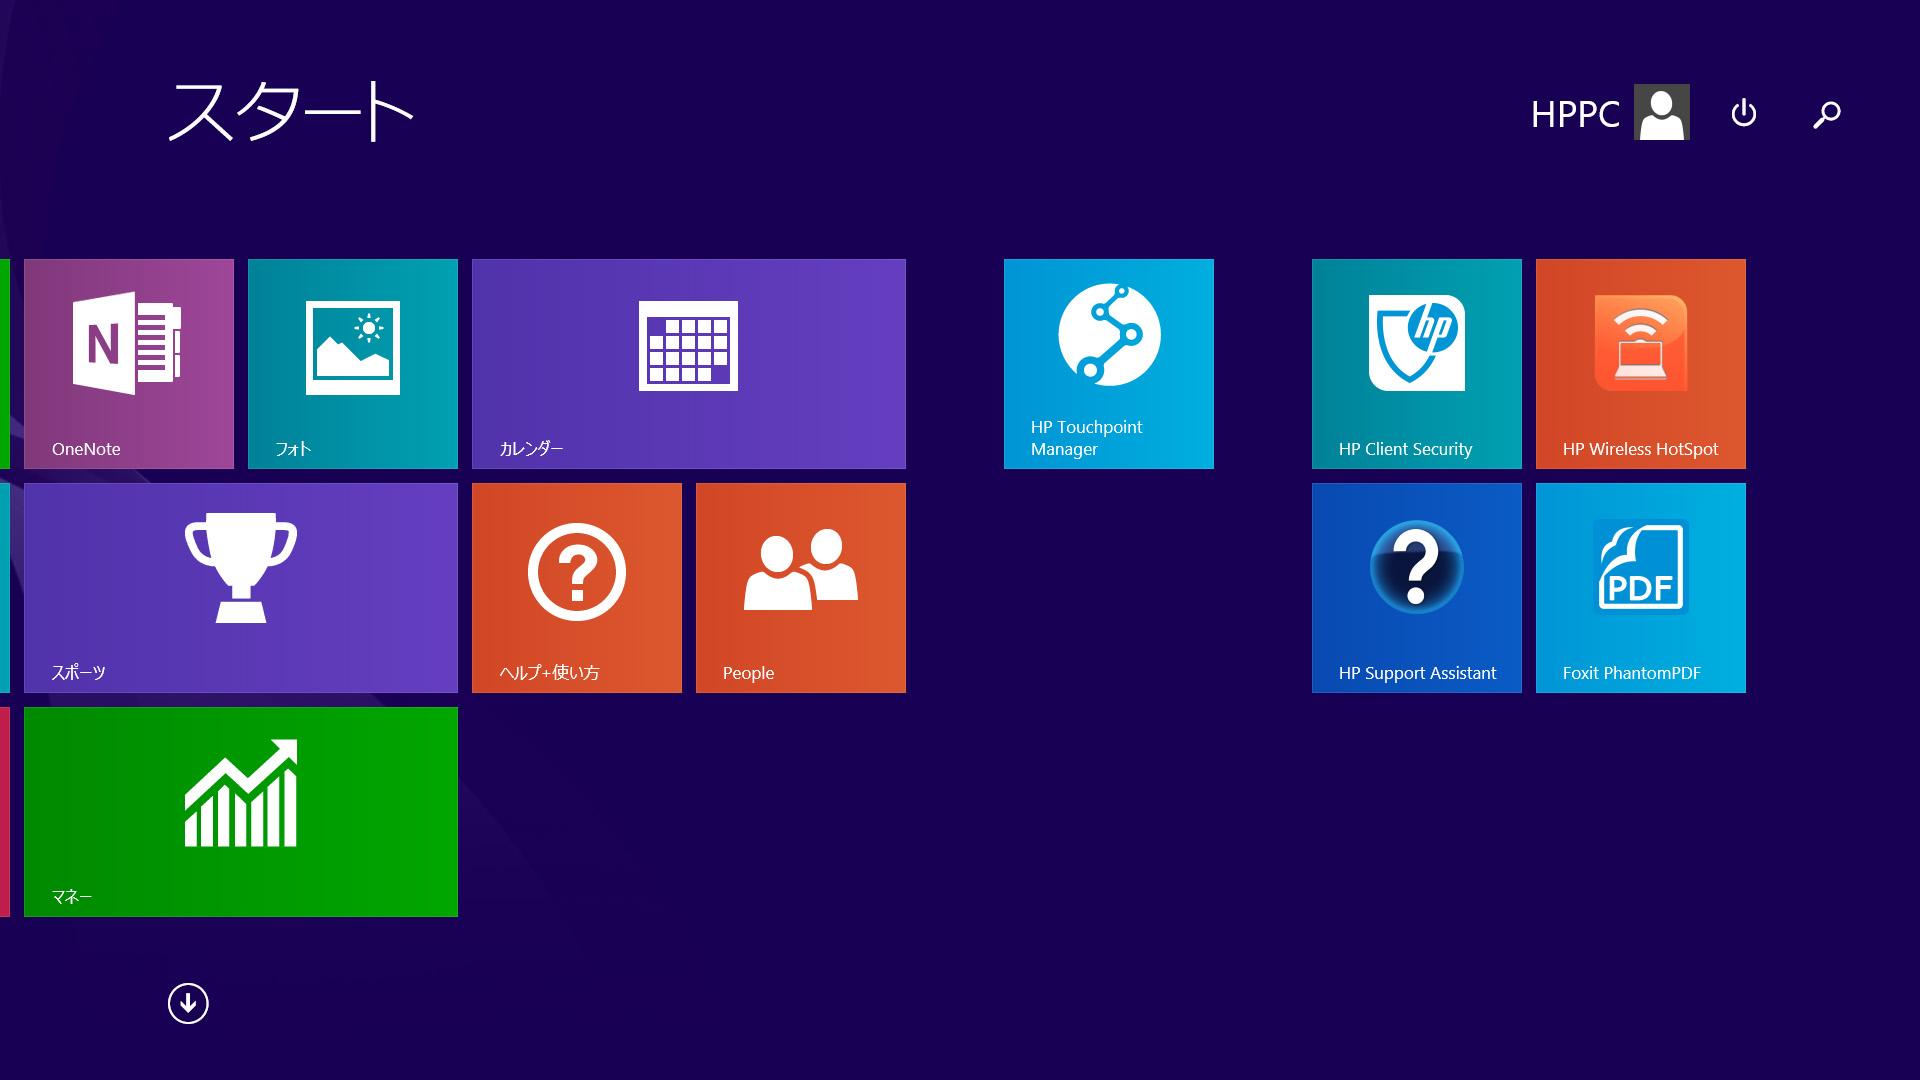 スタート画面。2HP Touchpoint Manager以降がプリインストール。後ろ4つはデスクトップアプリ